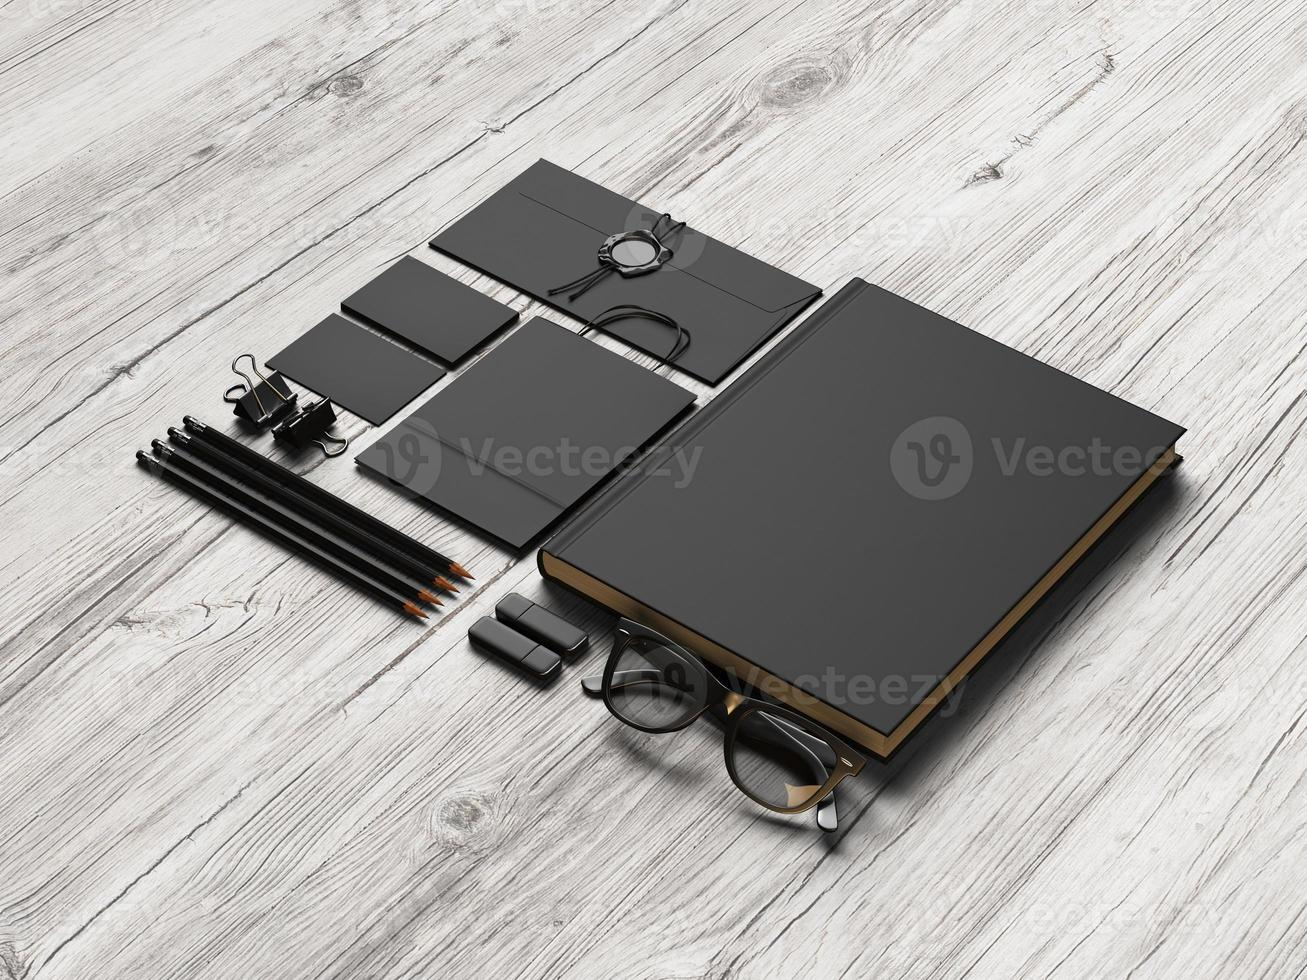 conjunto de elementos de marca negra sobre madera foto